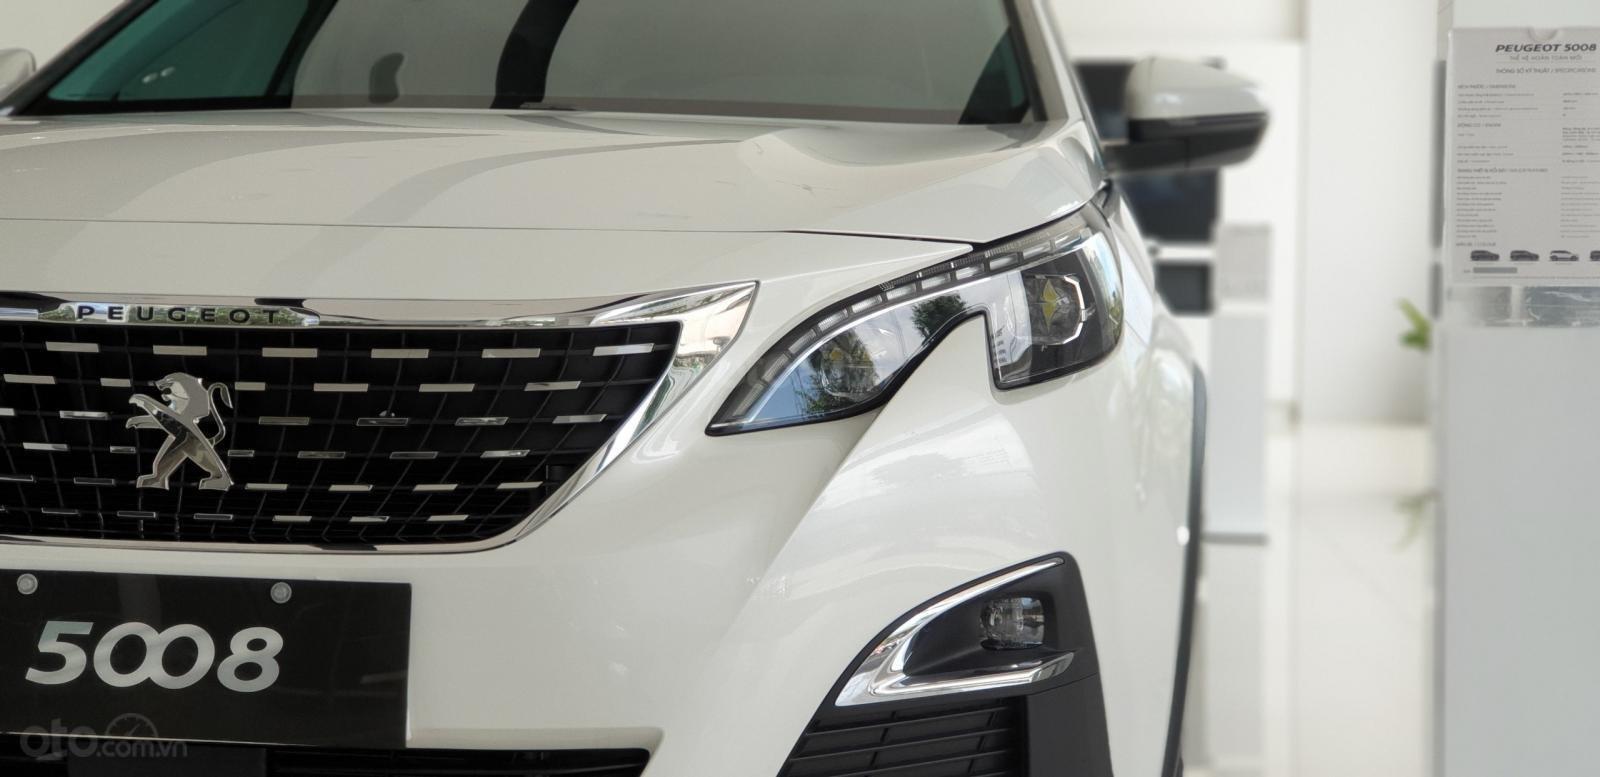 Peugeot Thanh Xuân - Peugeot 5008 giá tốt nhất thị trường + bảo hành chính hãng lên tới 5 năm-4